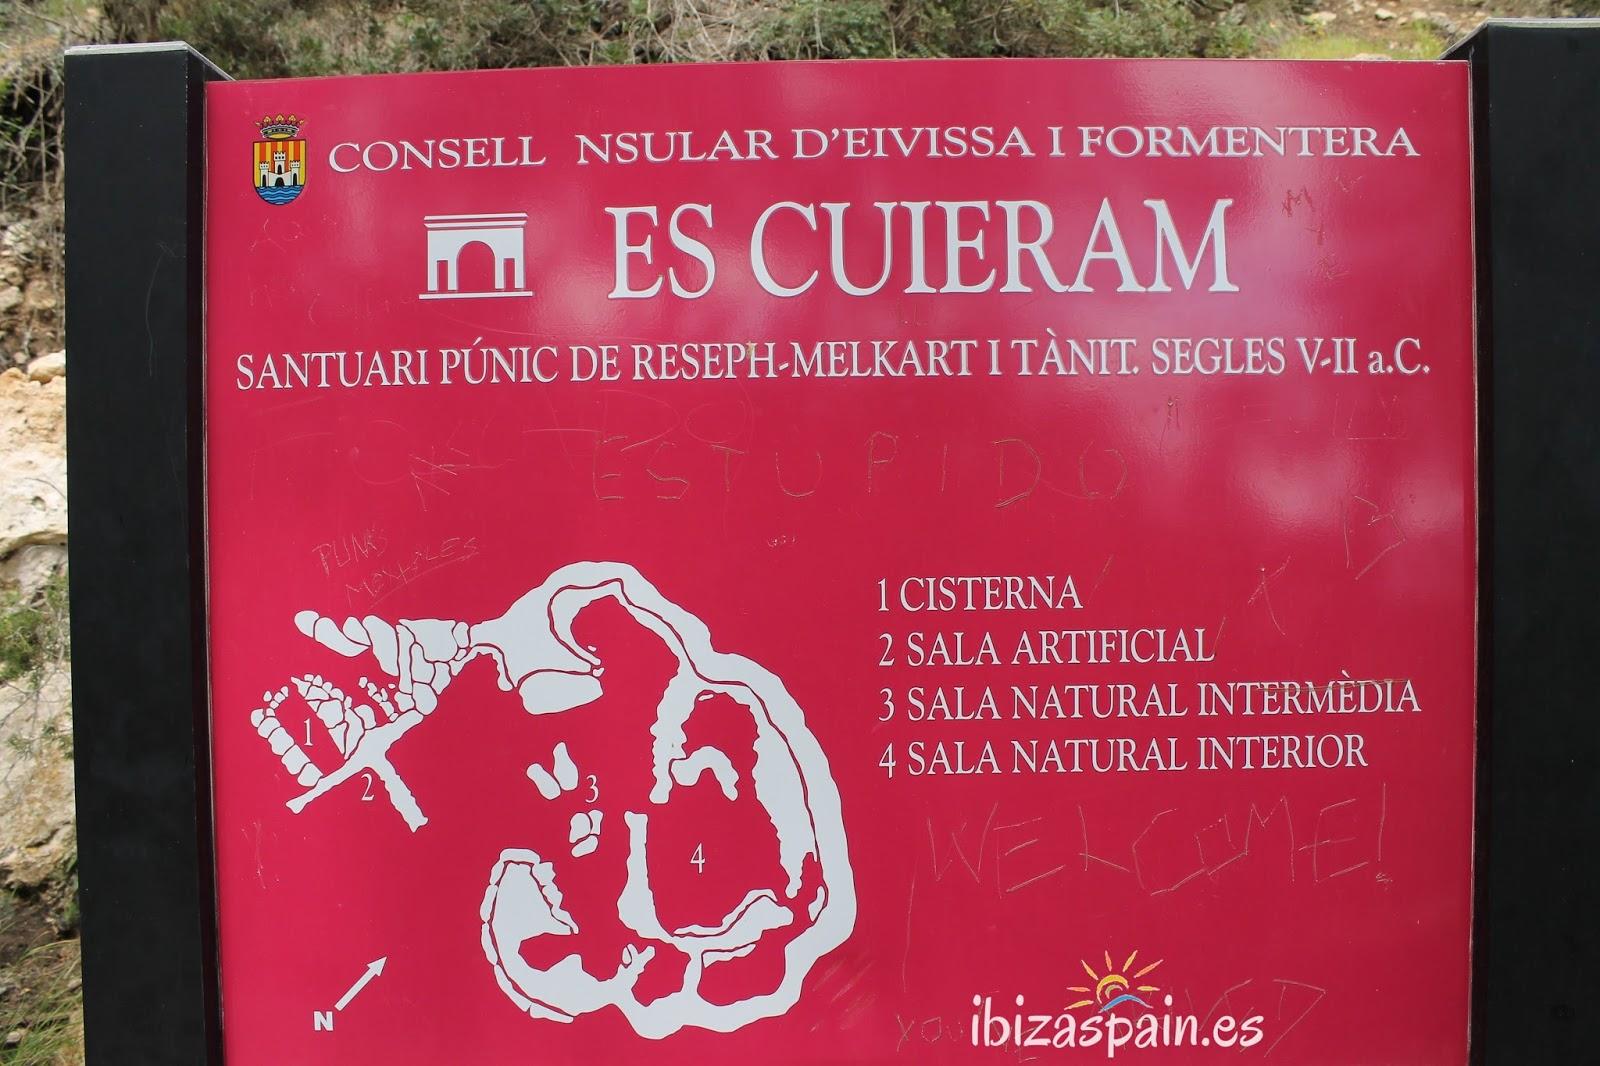 Cueva des Culleram o Cuieram